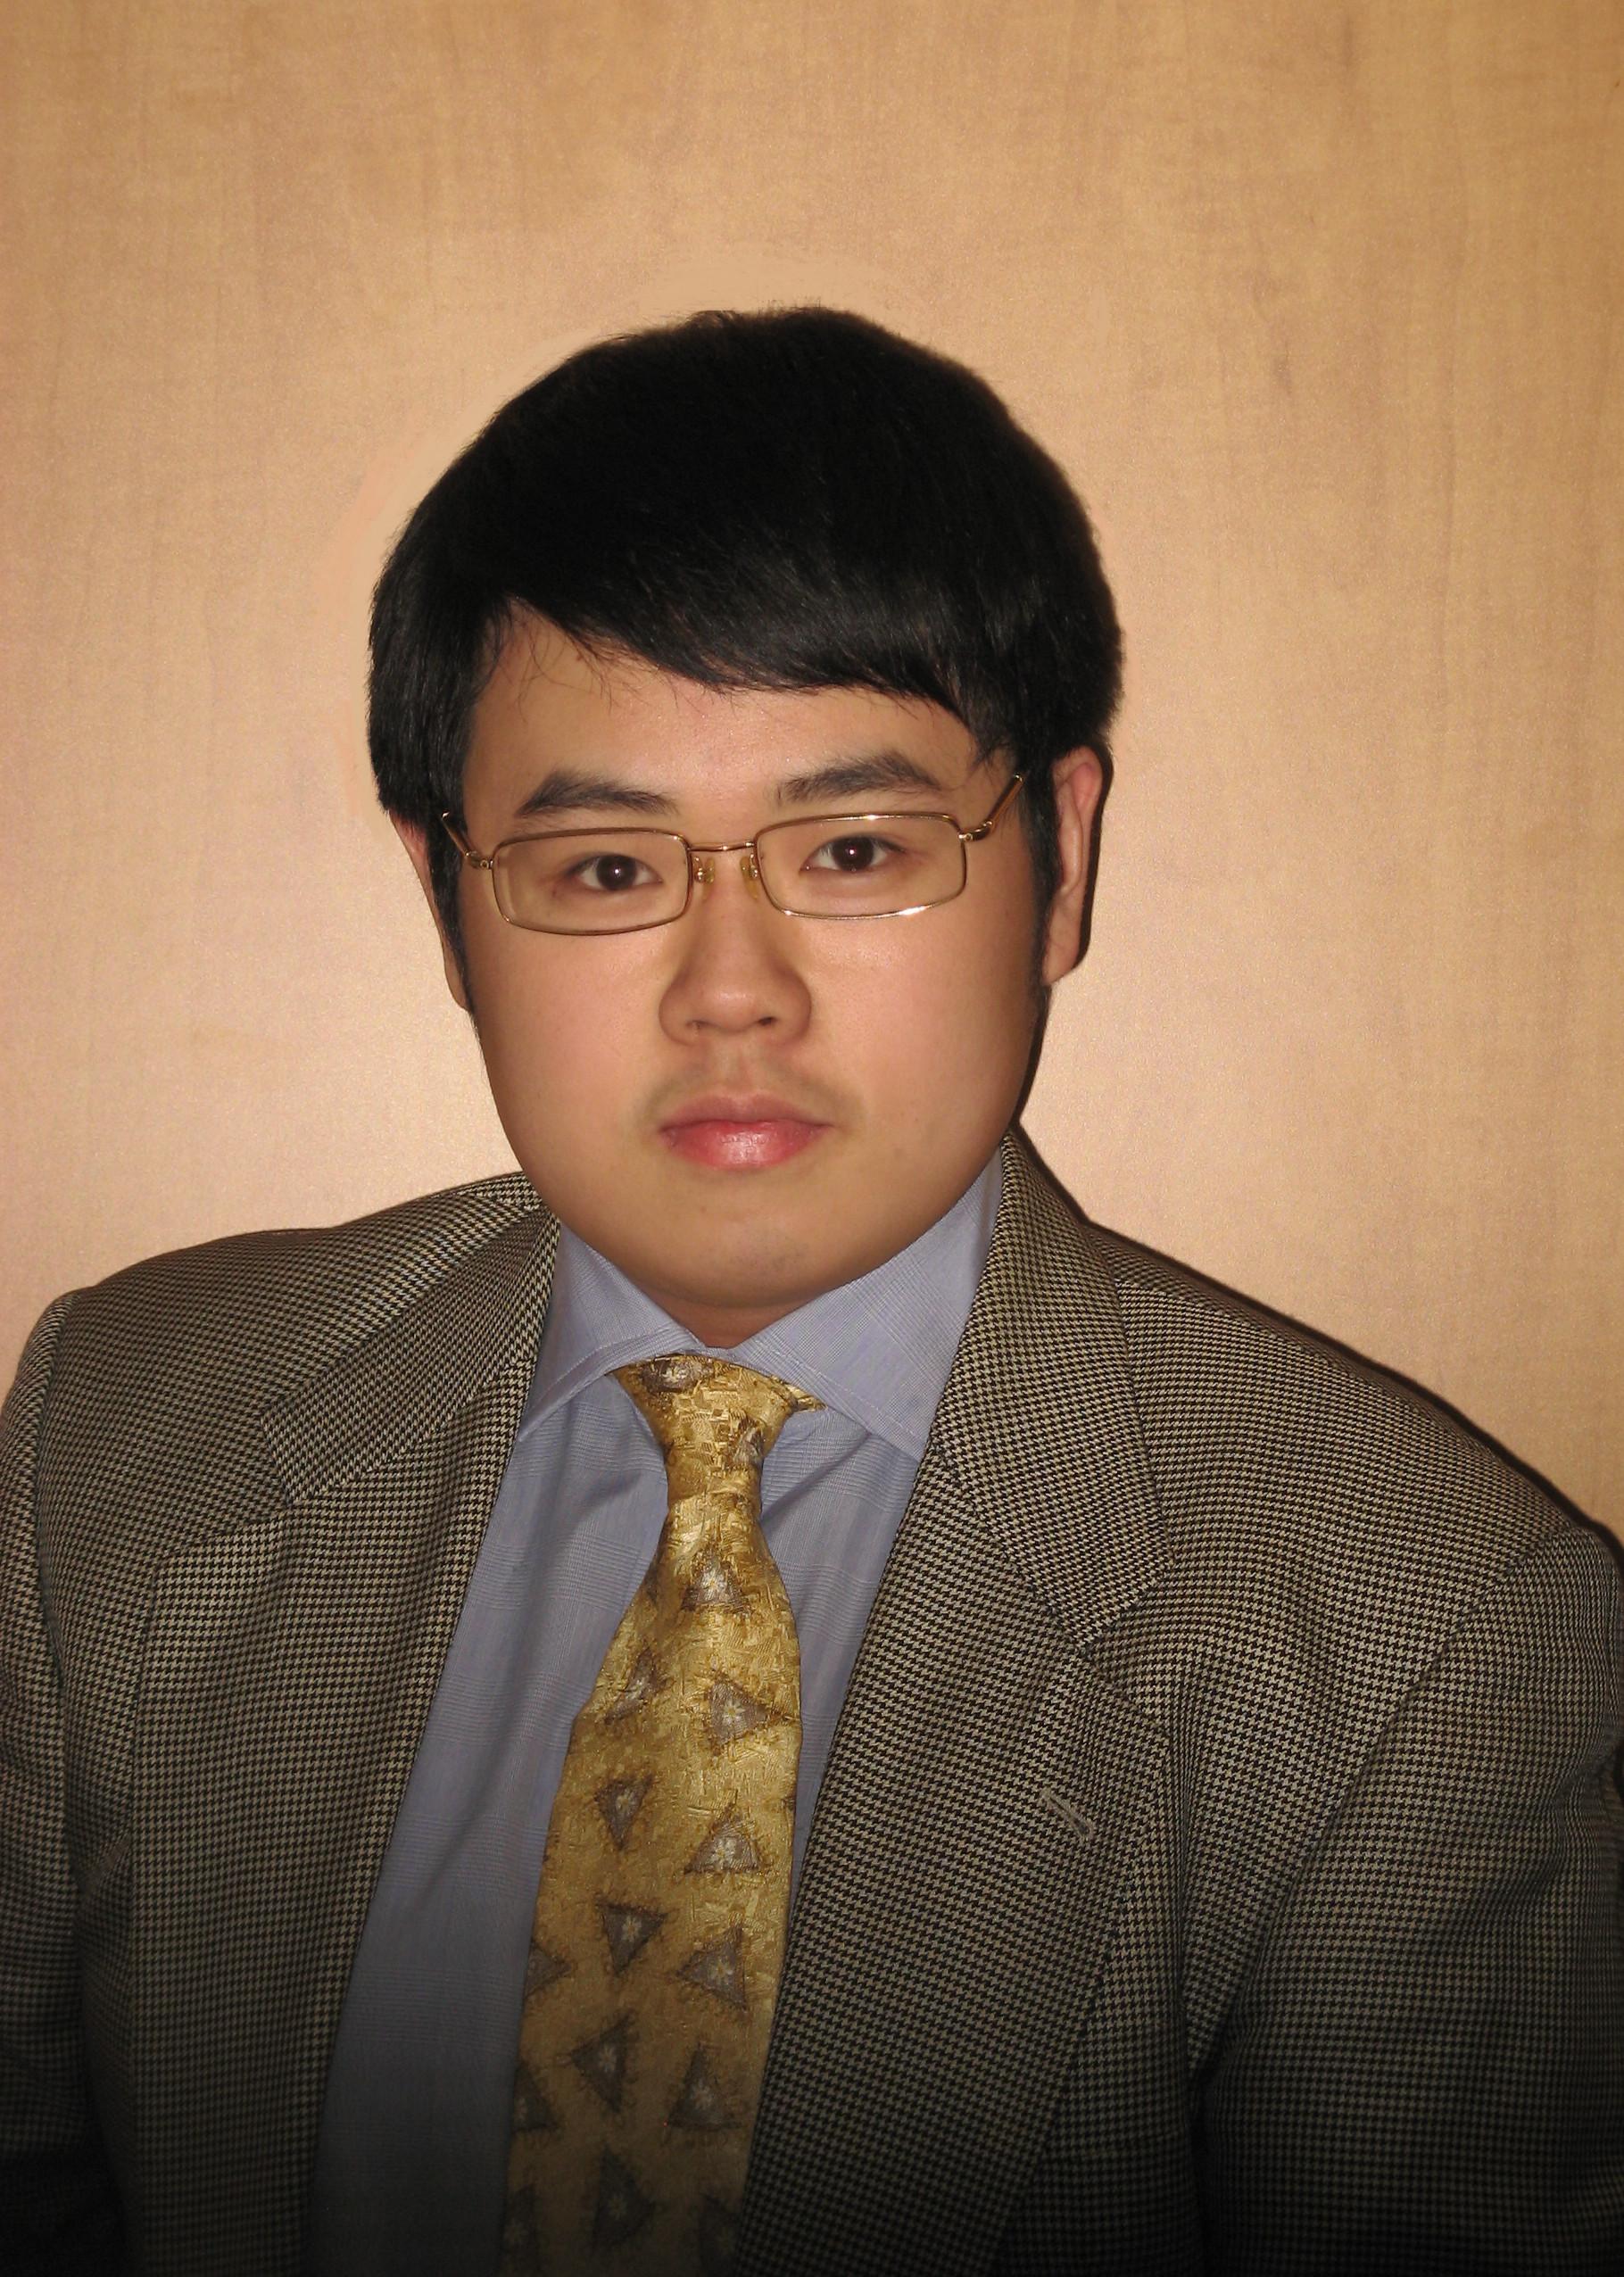 Zhiqing Xu